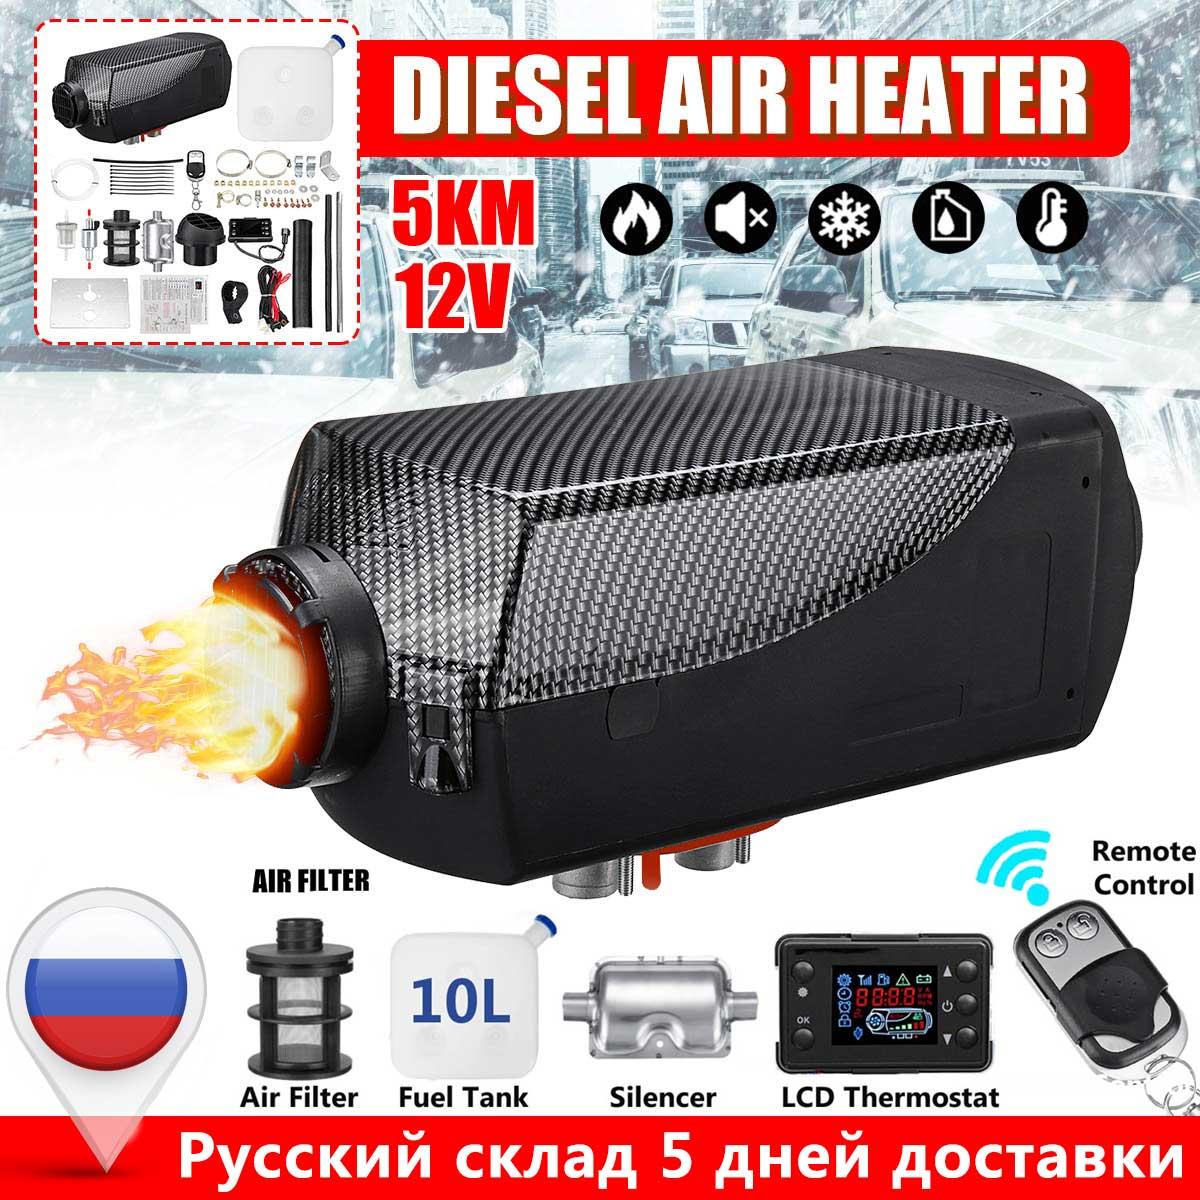 12 V 5000 W Padrão De Carbono Aquecedor do carro Ar Diesel Aquecedor De Combustível Tanque Único Furo Com Controle Remoto Silencioso 10L 5Kw para Caminhões Barcos Etc